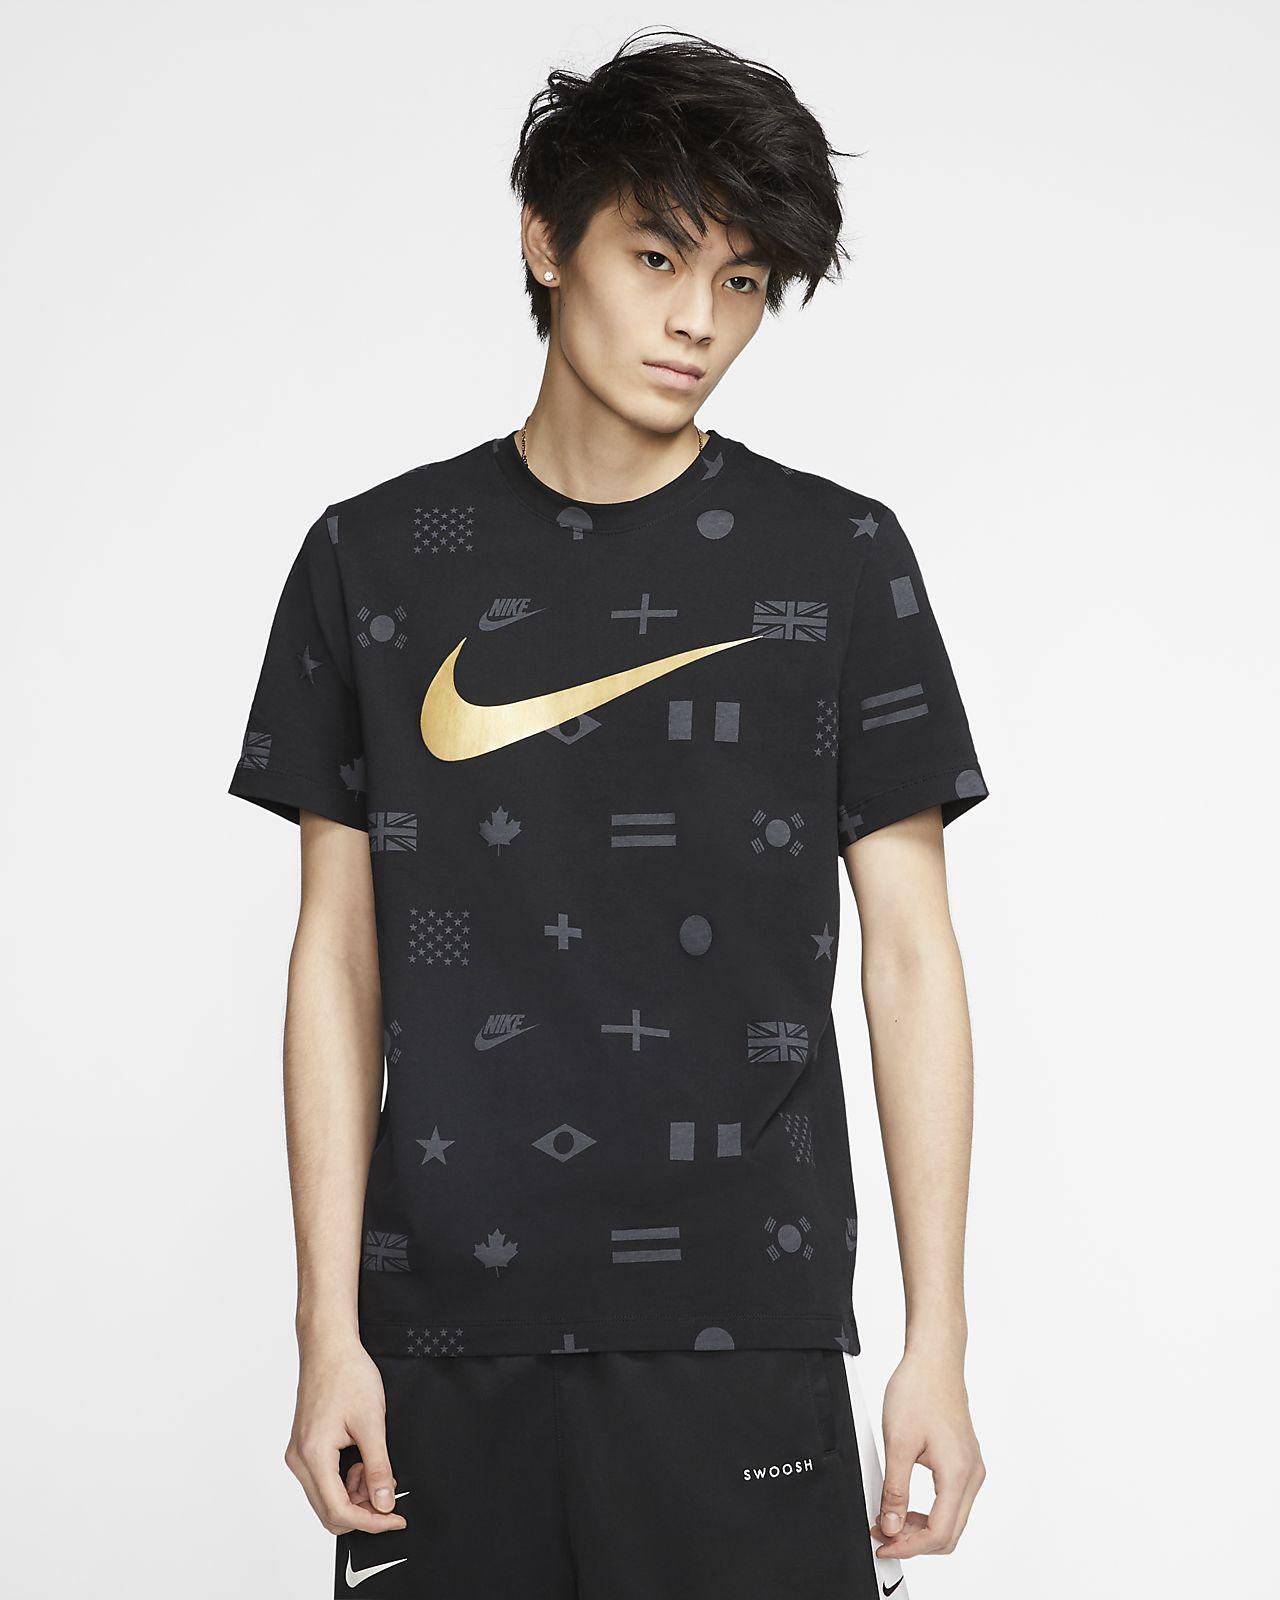 ナイキ スポーツウェア メンズ プリンテッド Tシャツ